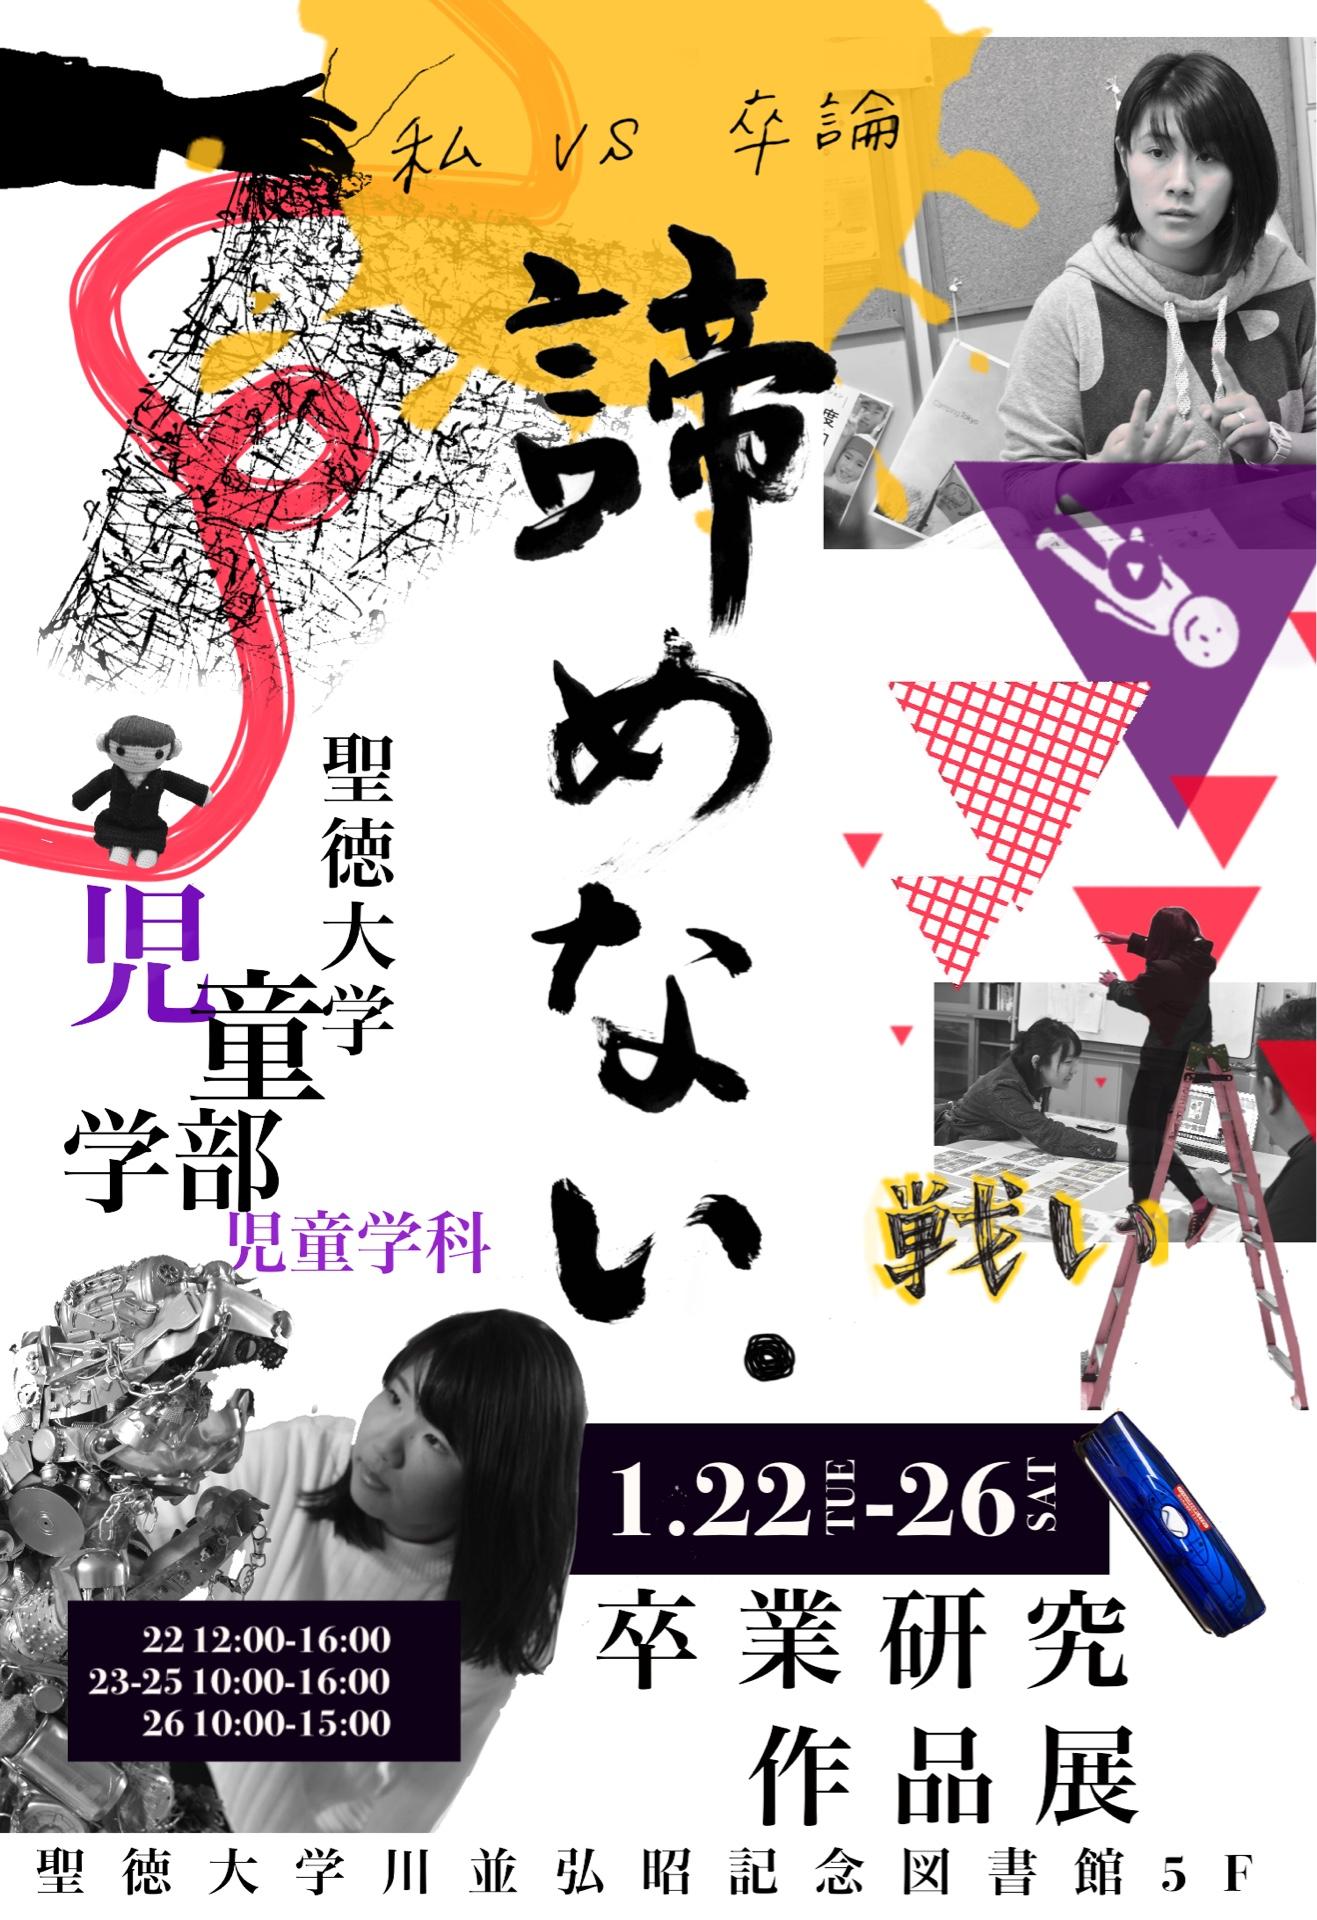 「第12回 児童学科 卒業研究作品展」と入試個別相談のお知らせ